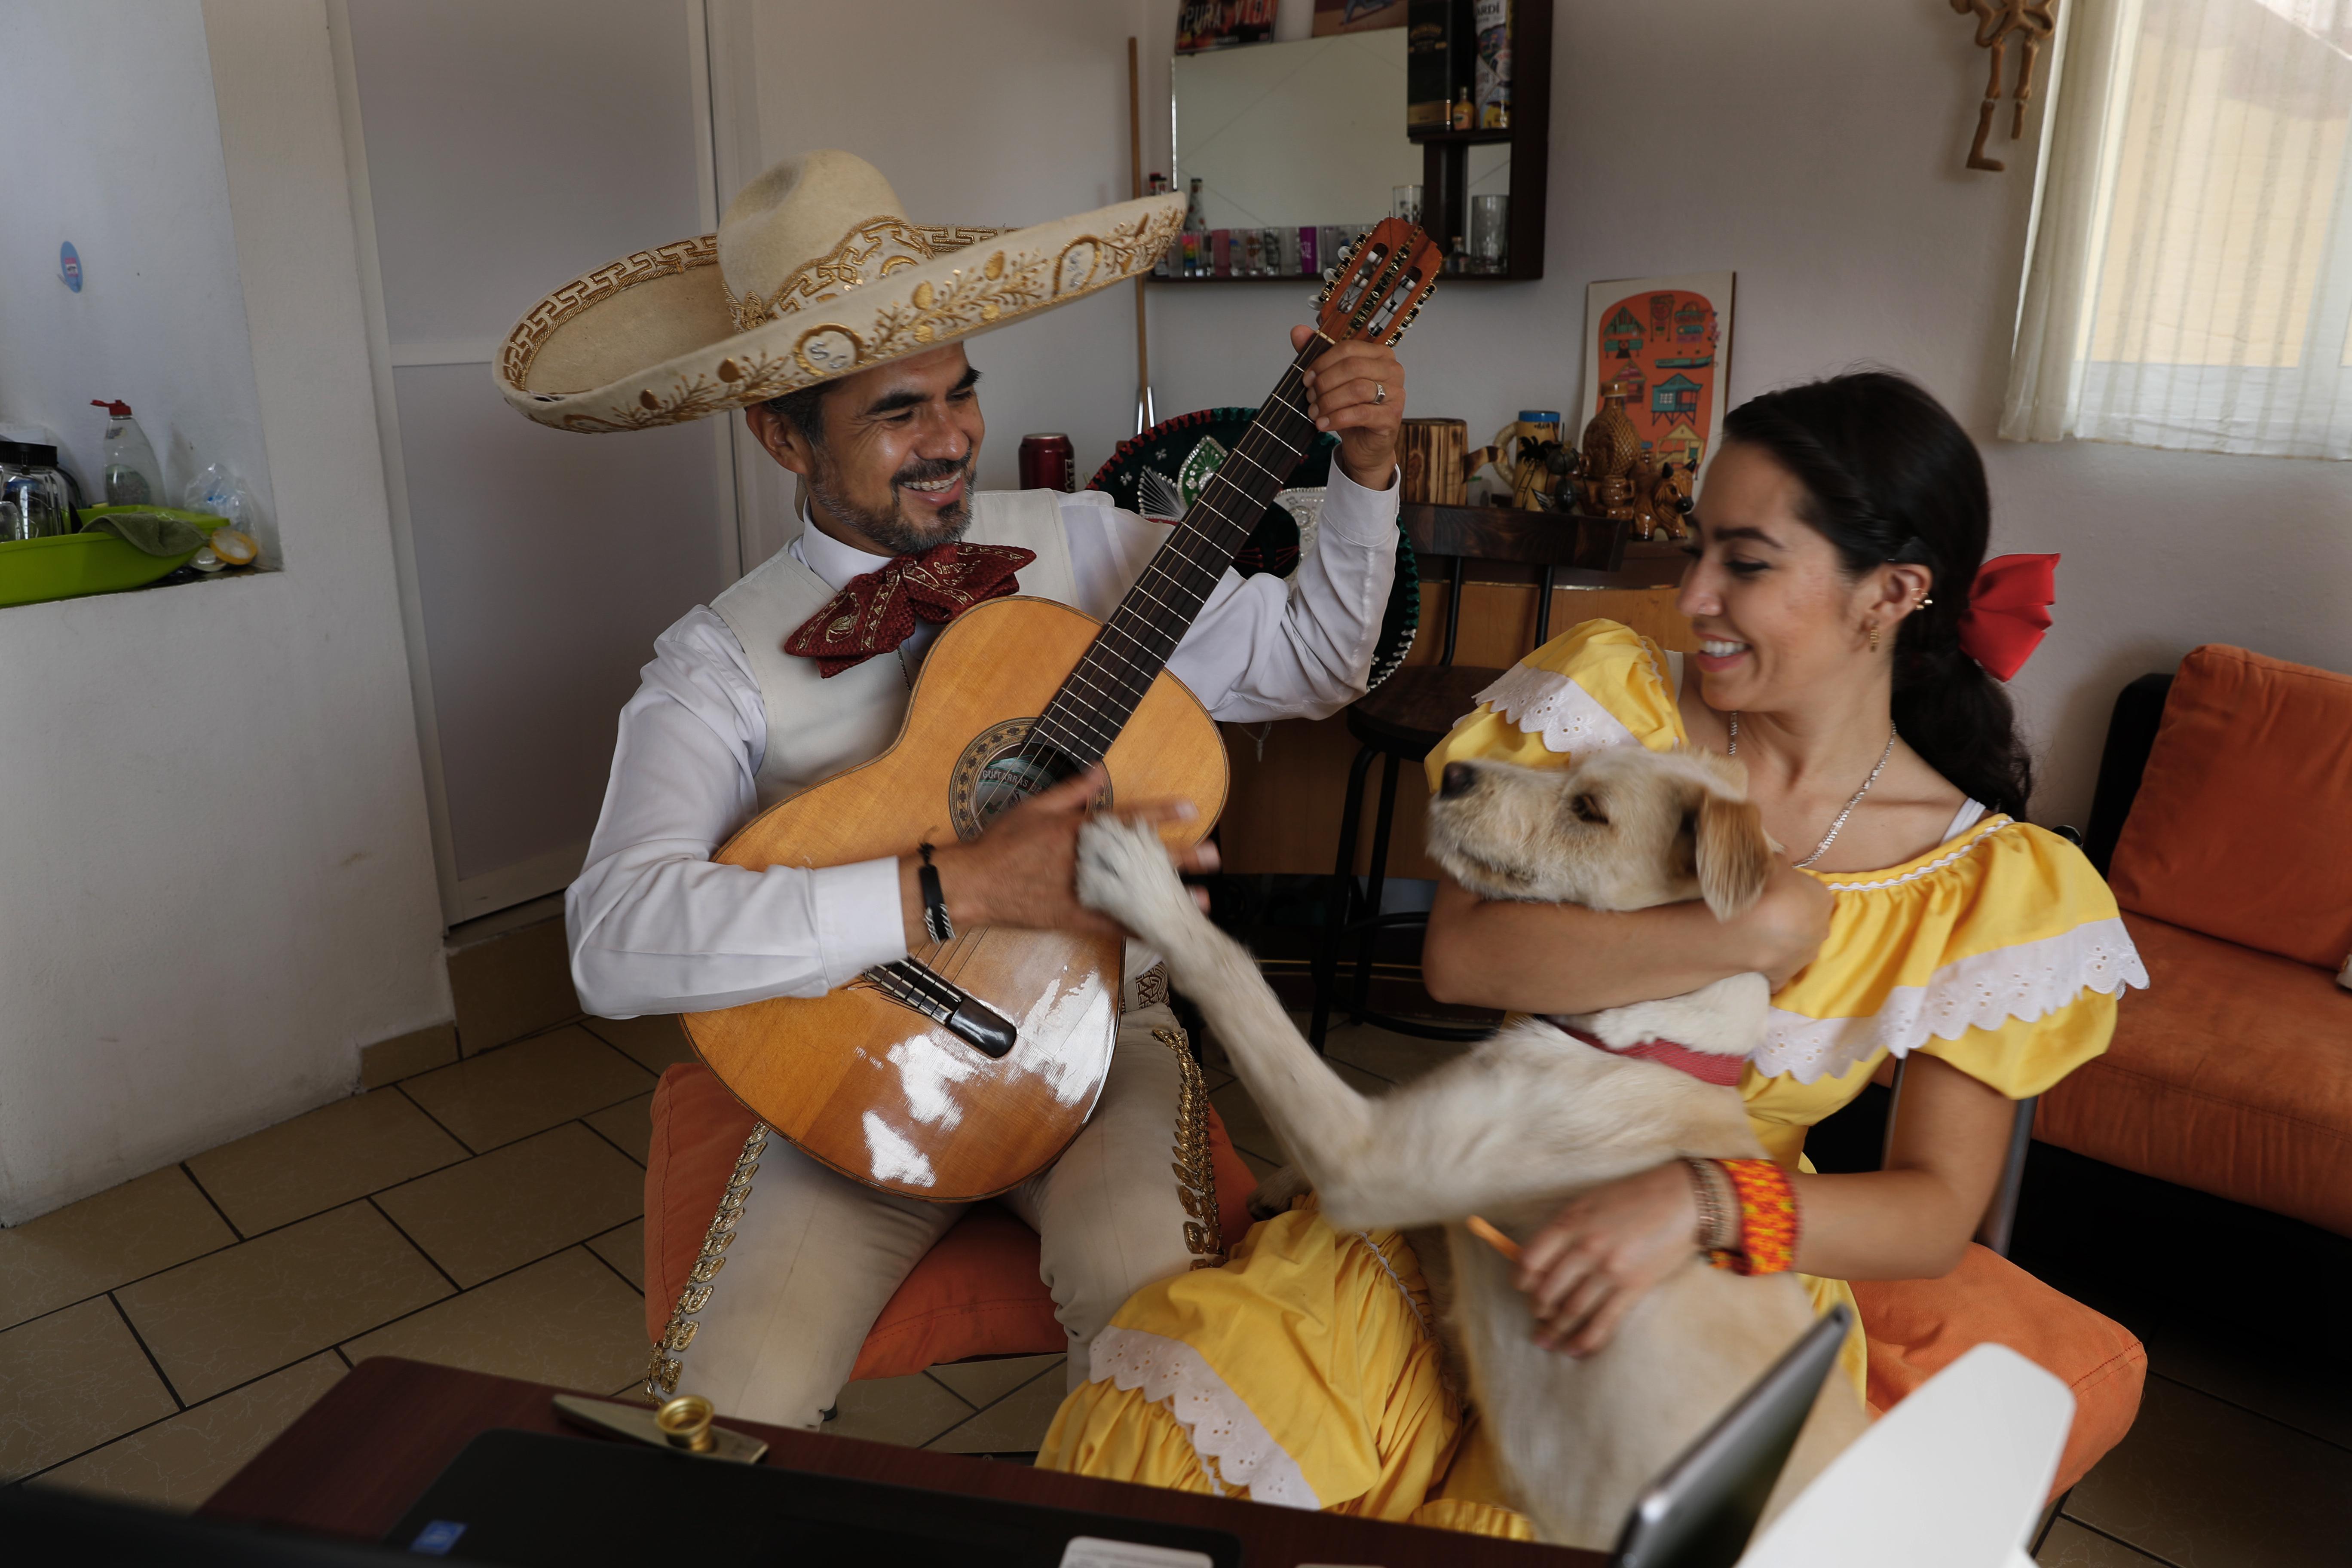 El Mariachi Duo Villa Maria, Sergio Carpio, a la izquierda, y Melissa Villar, acompañados por su perro Güiro, se presentan a través de Internet para un cliente durante el día de las madres. (Foto: AP/Marco Ugarte)